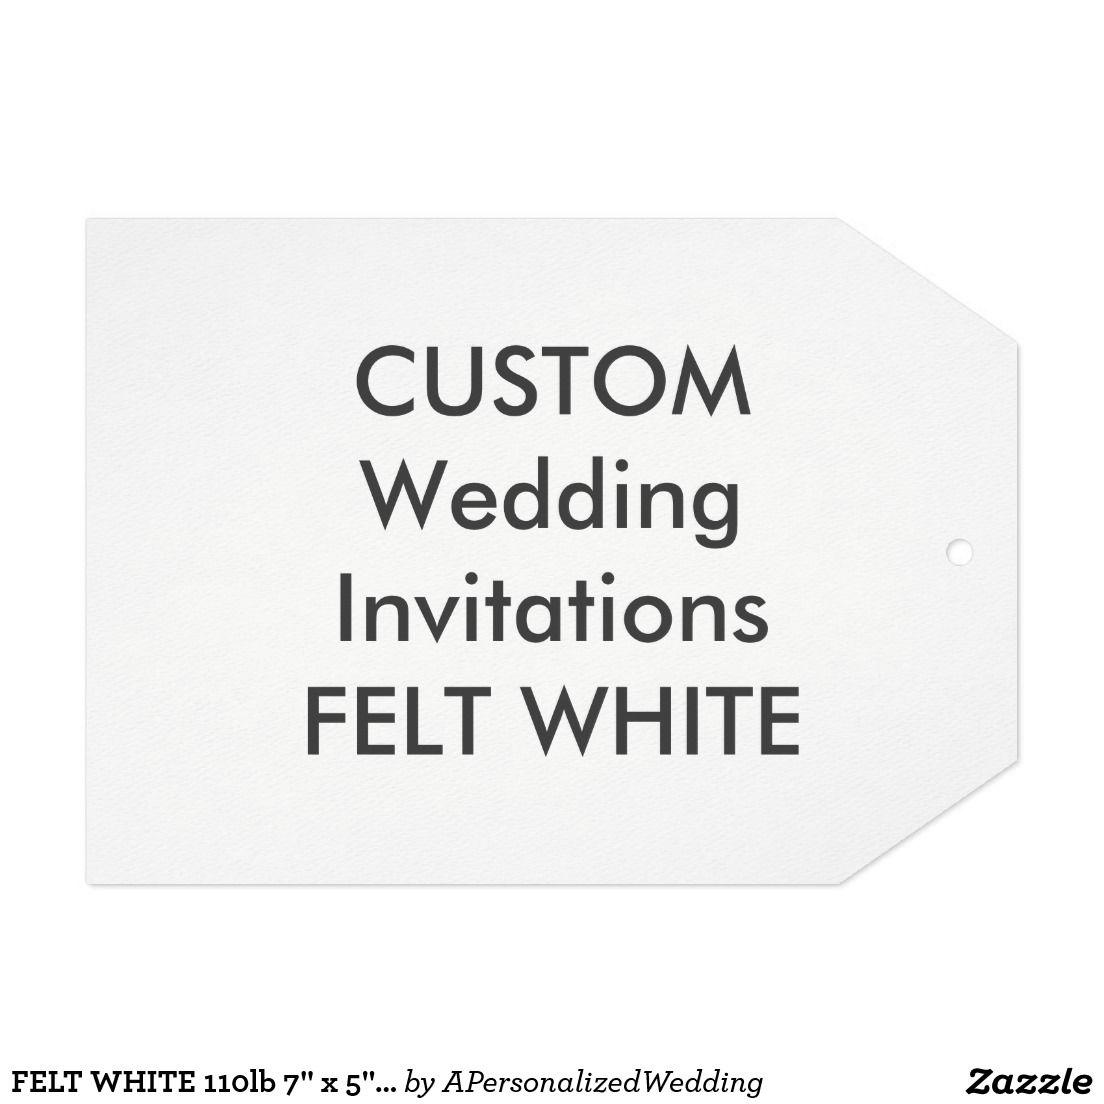 """FELT WHITE 110lb 7"""" x 5"""" Tag Wedding Invitations"""